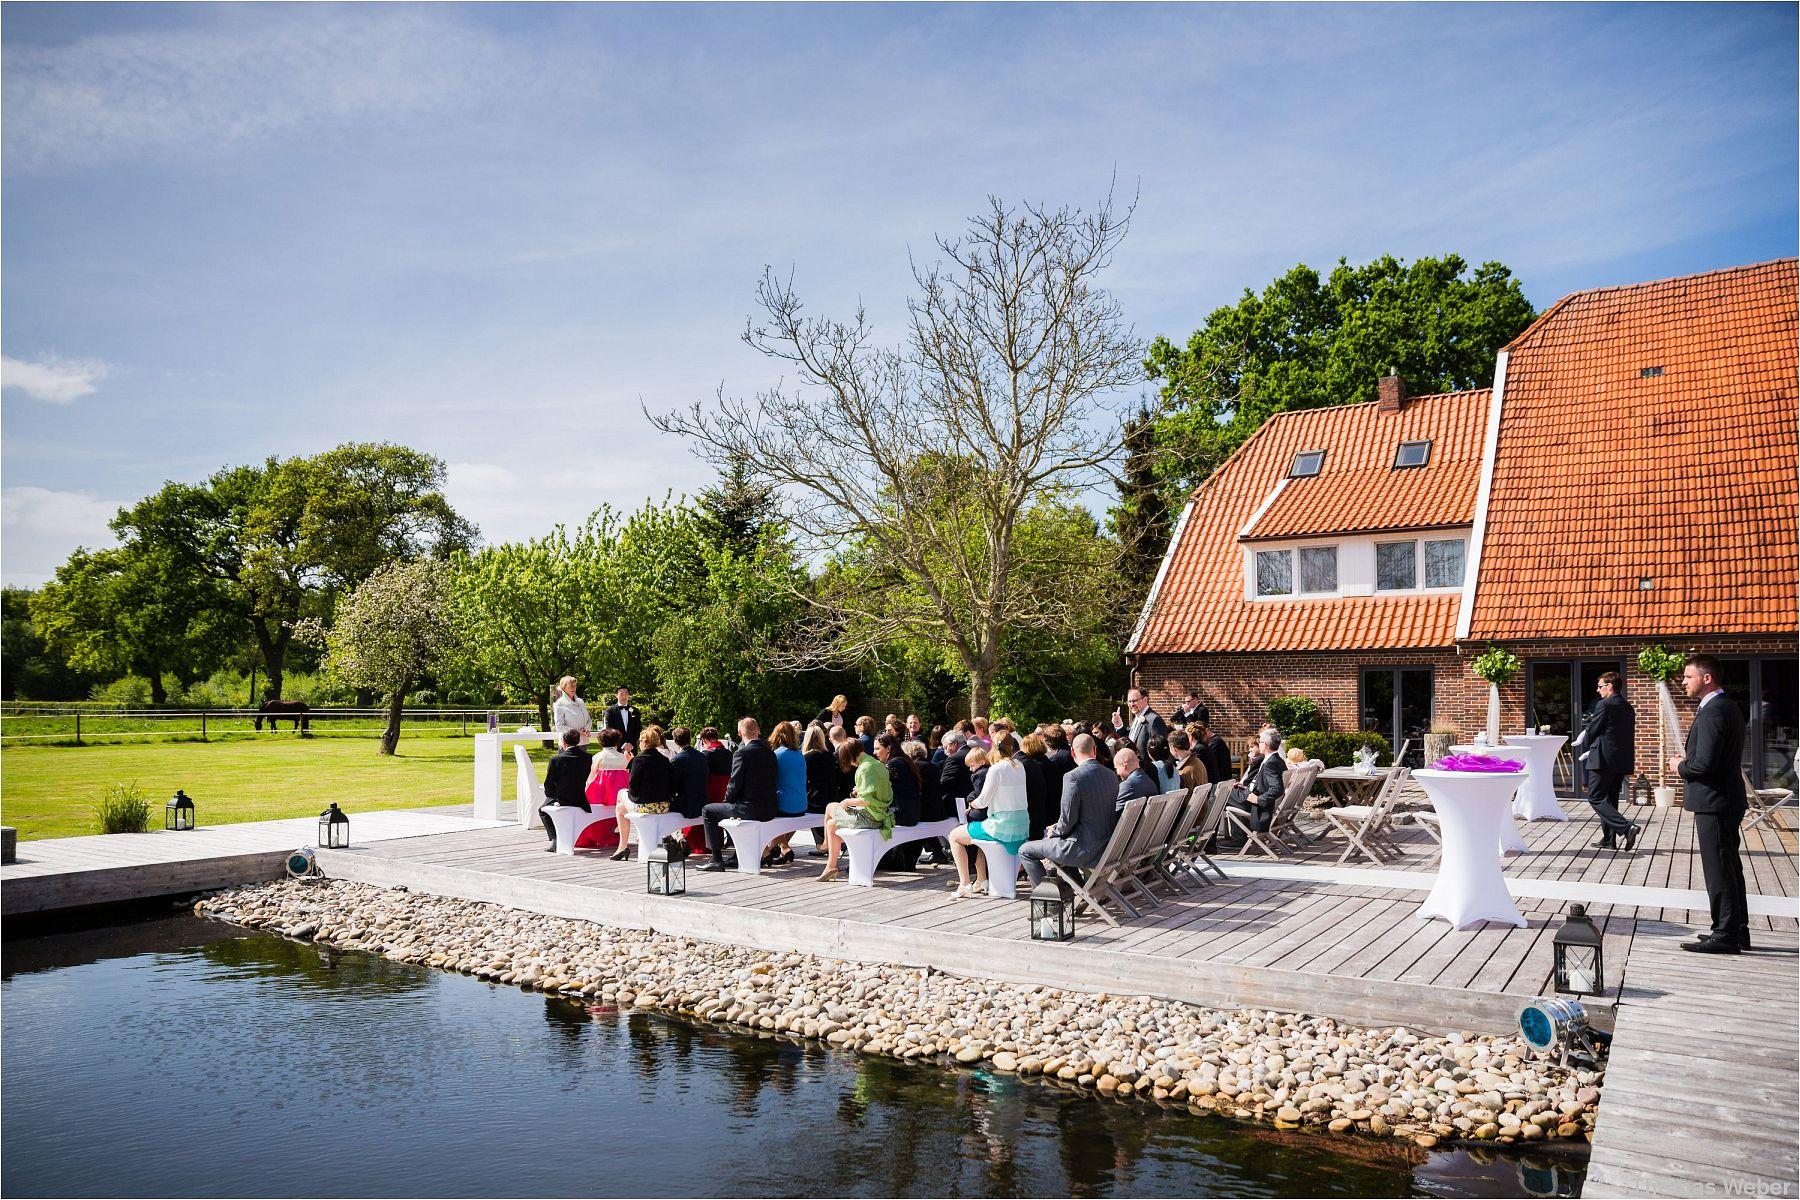 Hochzeitsfotograf Thomas Weber aus Oldenburg: Hochzeitsreportage in Rastede